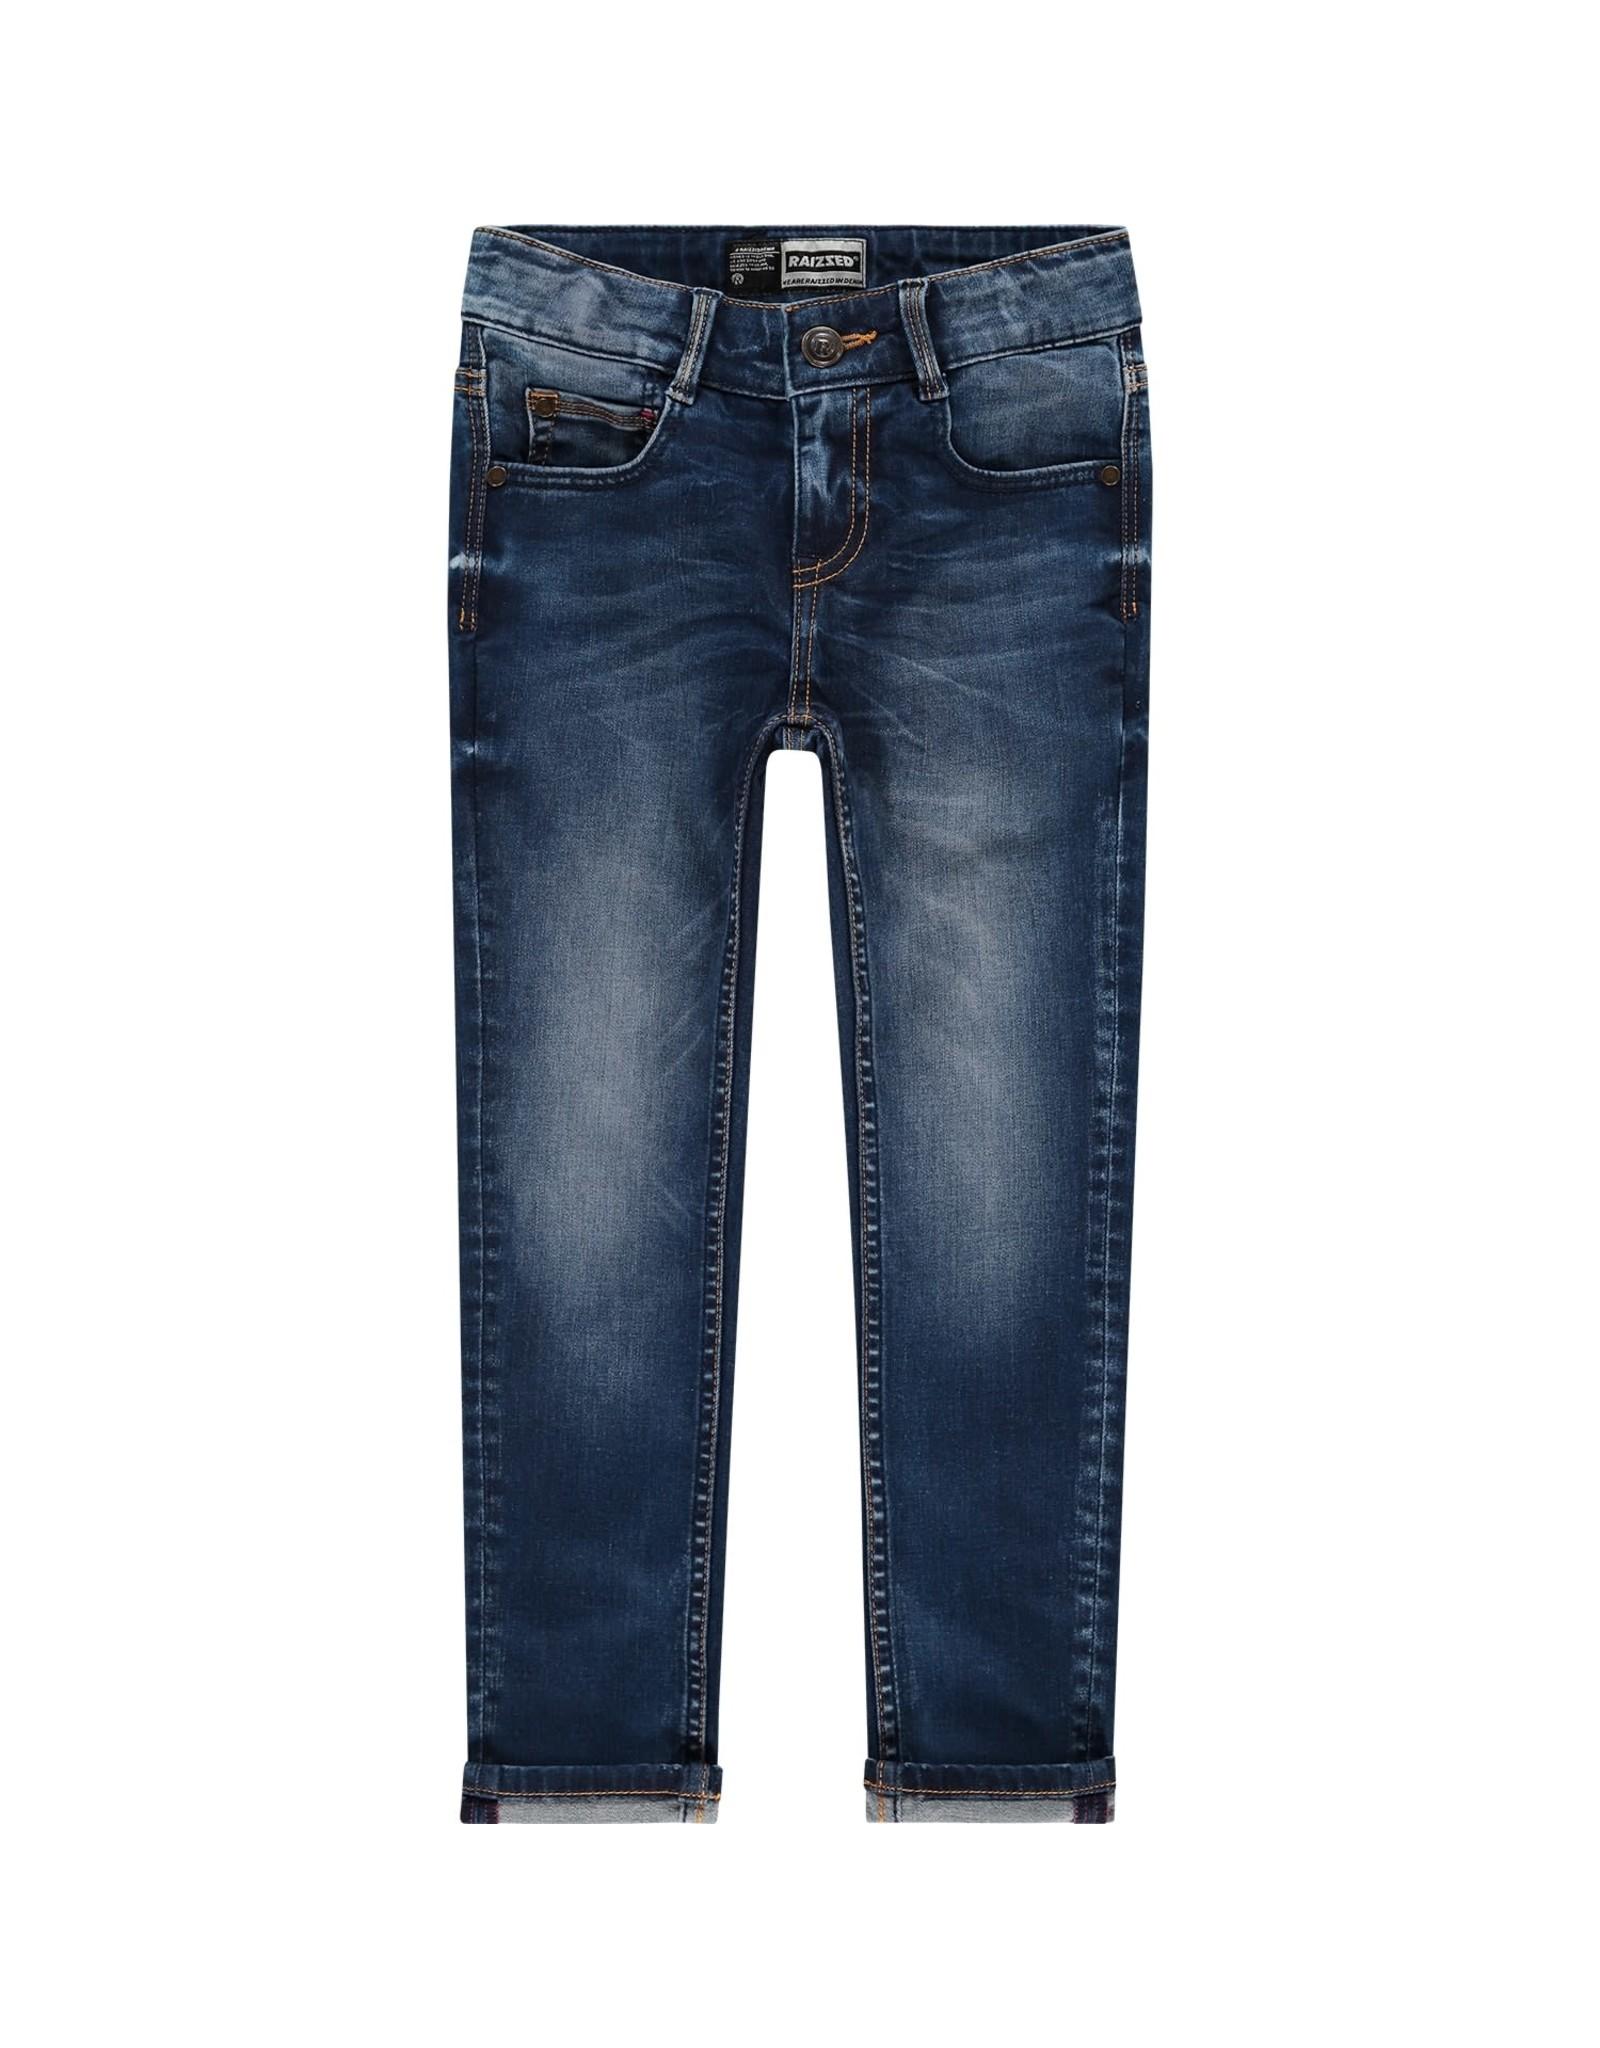 Raizzed Raizzed jongens jeans Tokyo Dark Blue Tinted W20